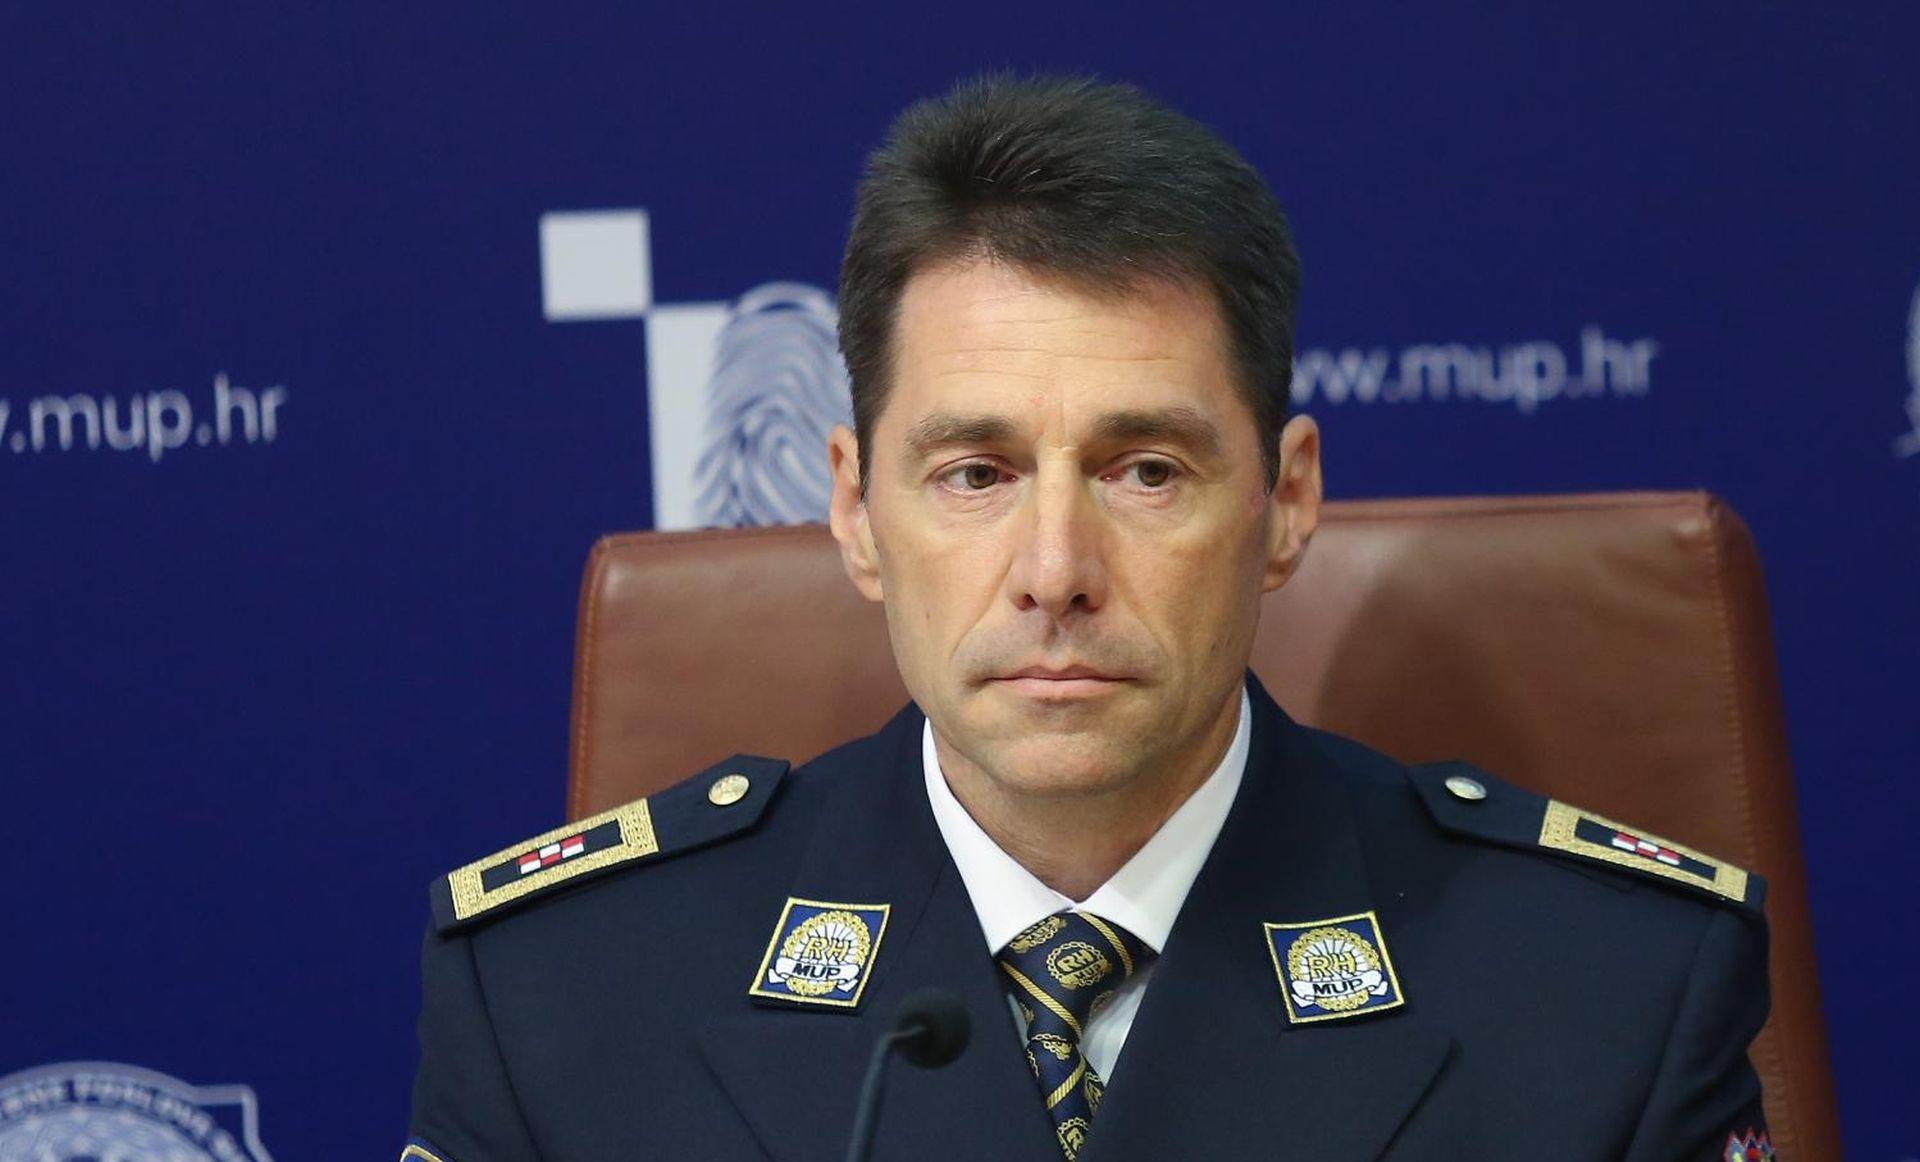 službenik za upoznavanje policajaca kali iz kolumbije